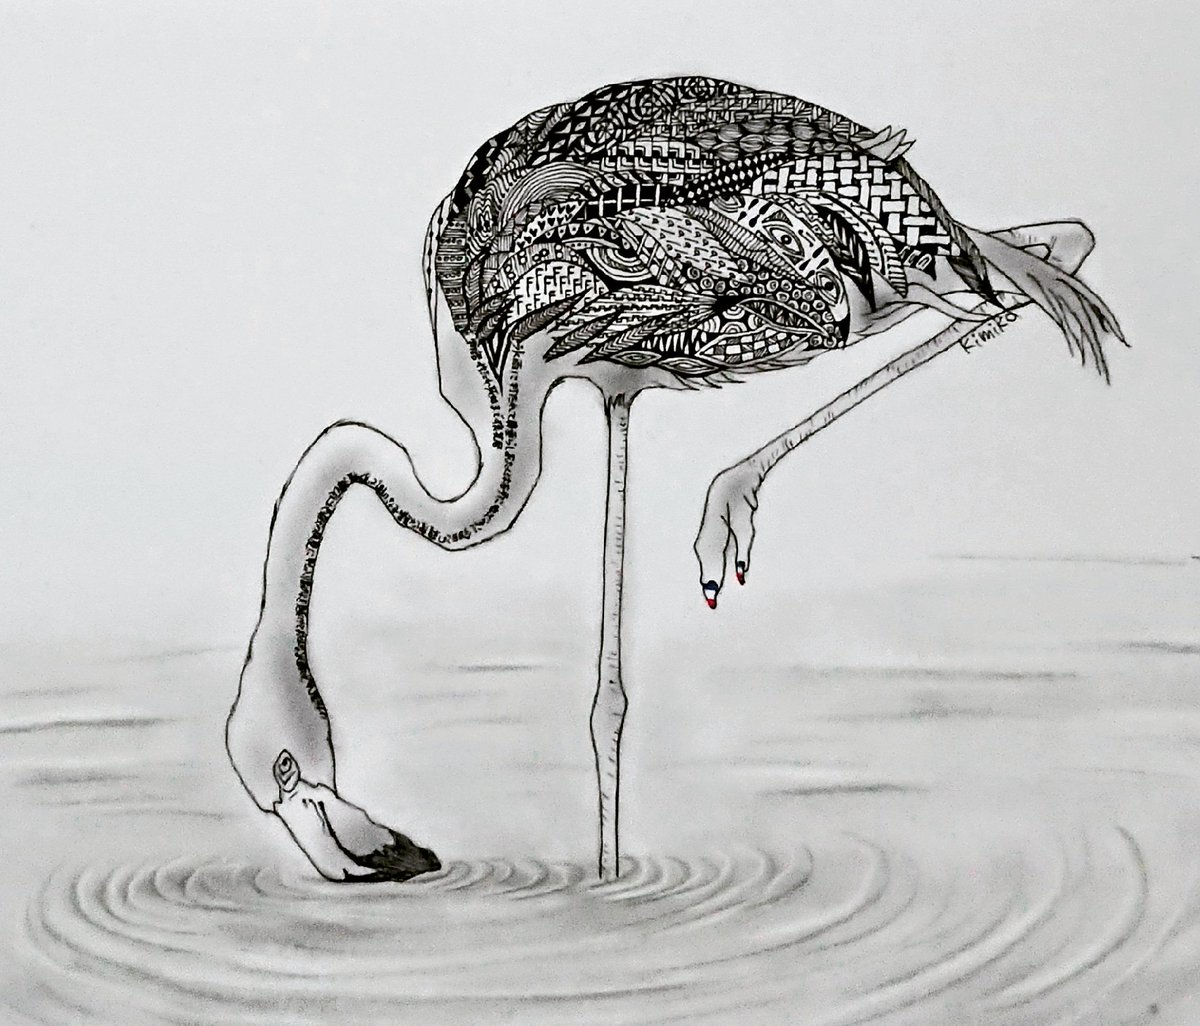 ゼンタングル師匠のるかさん(@ruruka888)に教えてもらって描いてみました☺️Flamingo🦢☺️#ゼンタングル #鉛筆画 #flamingo